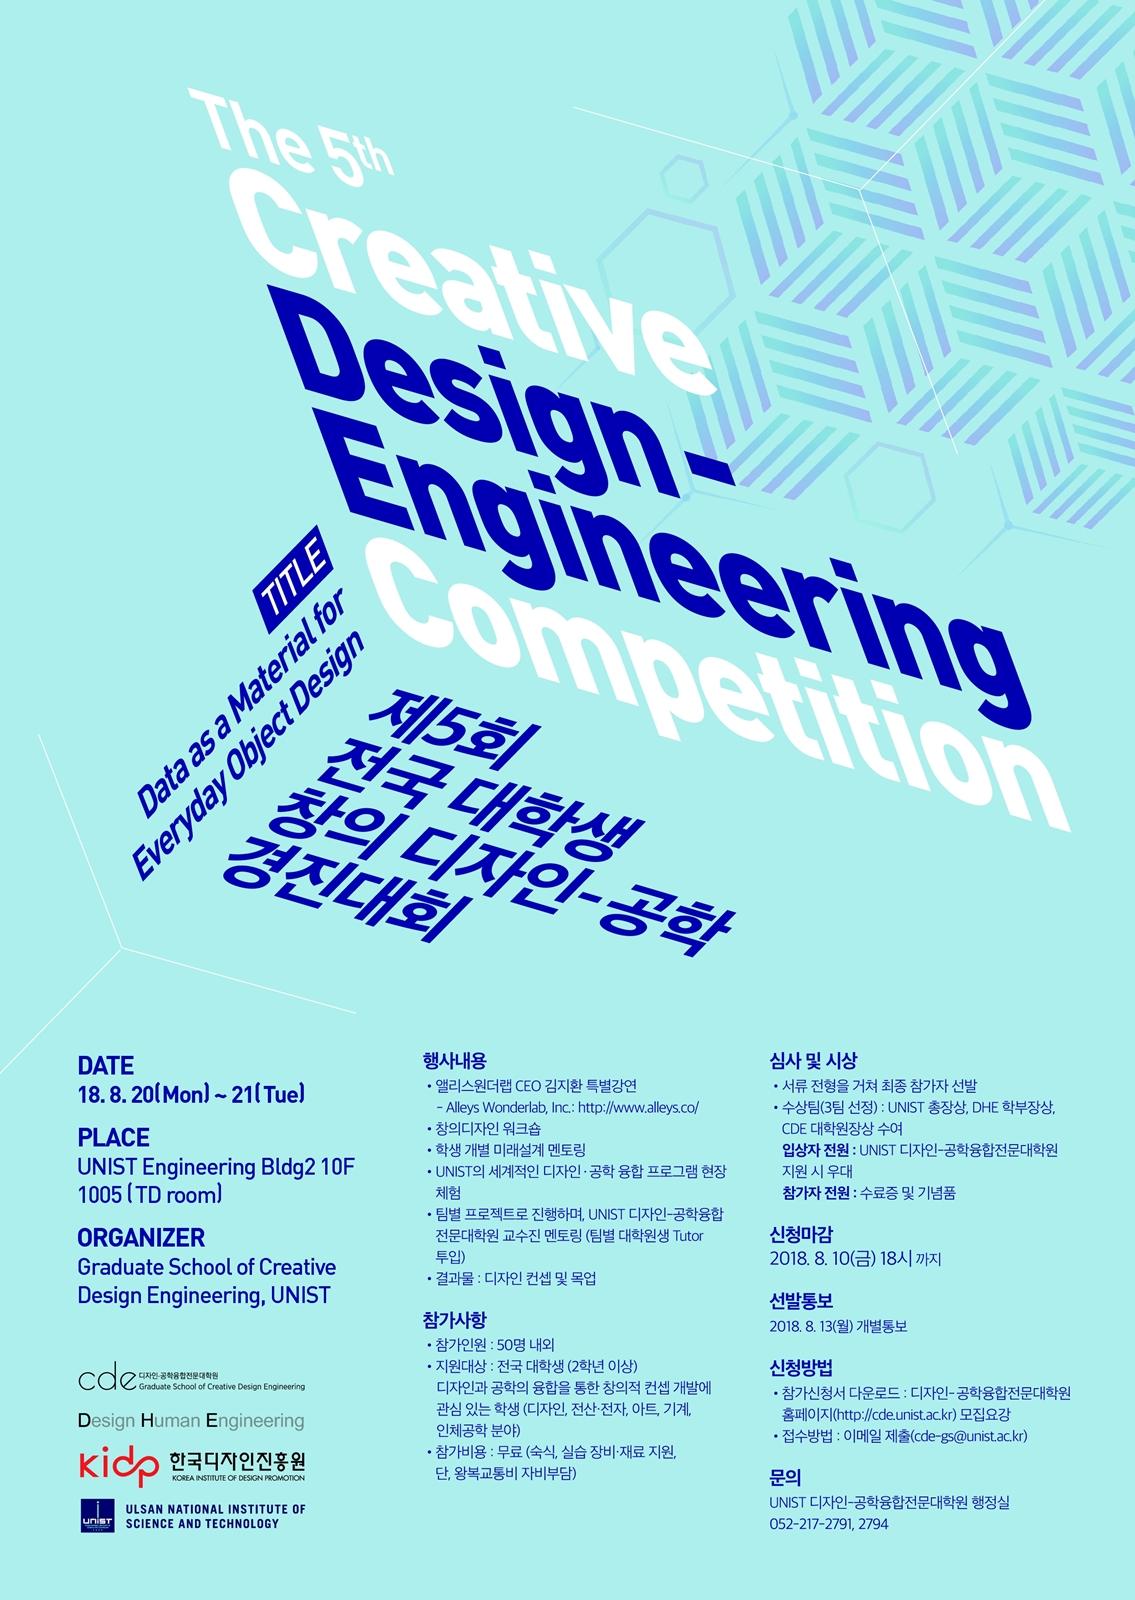 제5회 전국 대학생 창의 디자인-공학 경진대회